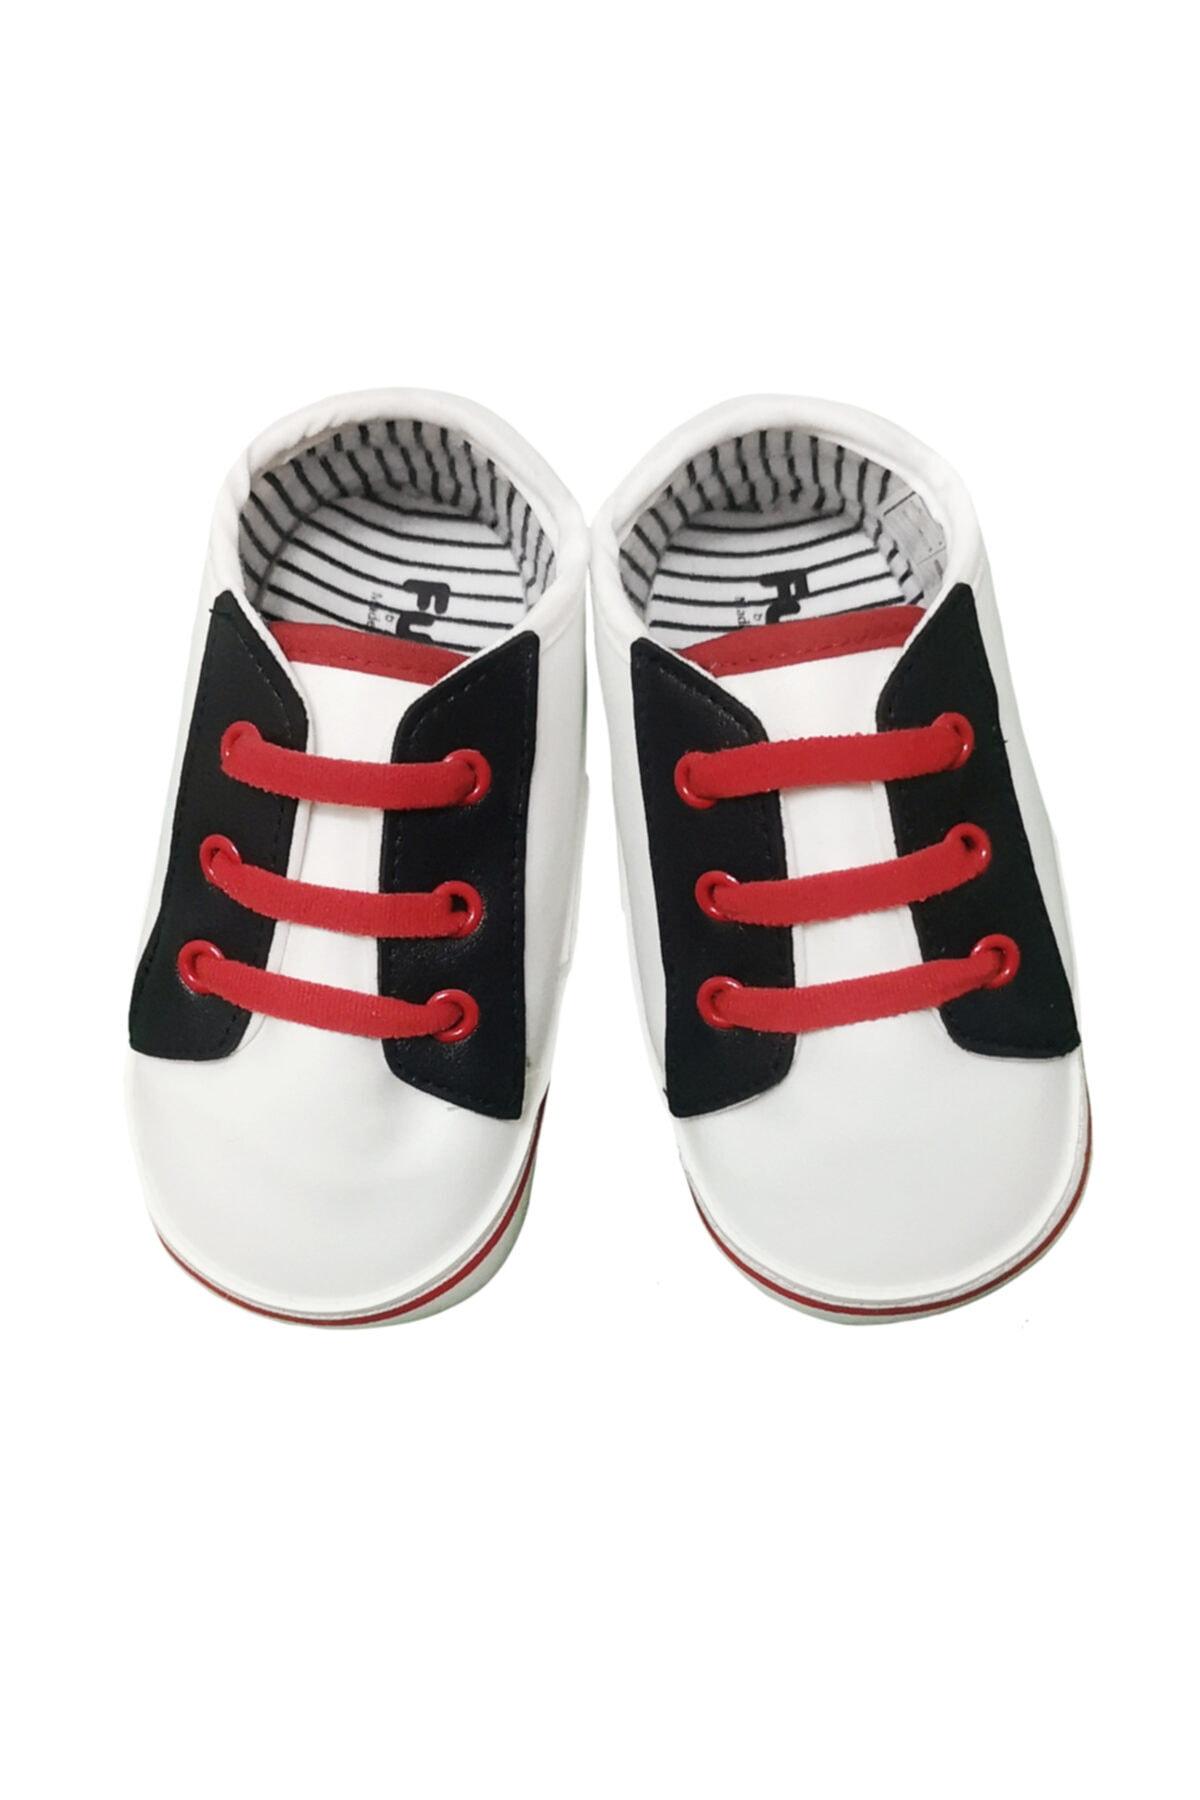 Funny Baby Unisex Bebek Kırmızı Premium Bağcıklı Suni Deri Patik Ayakkabı 2